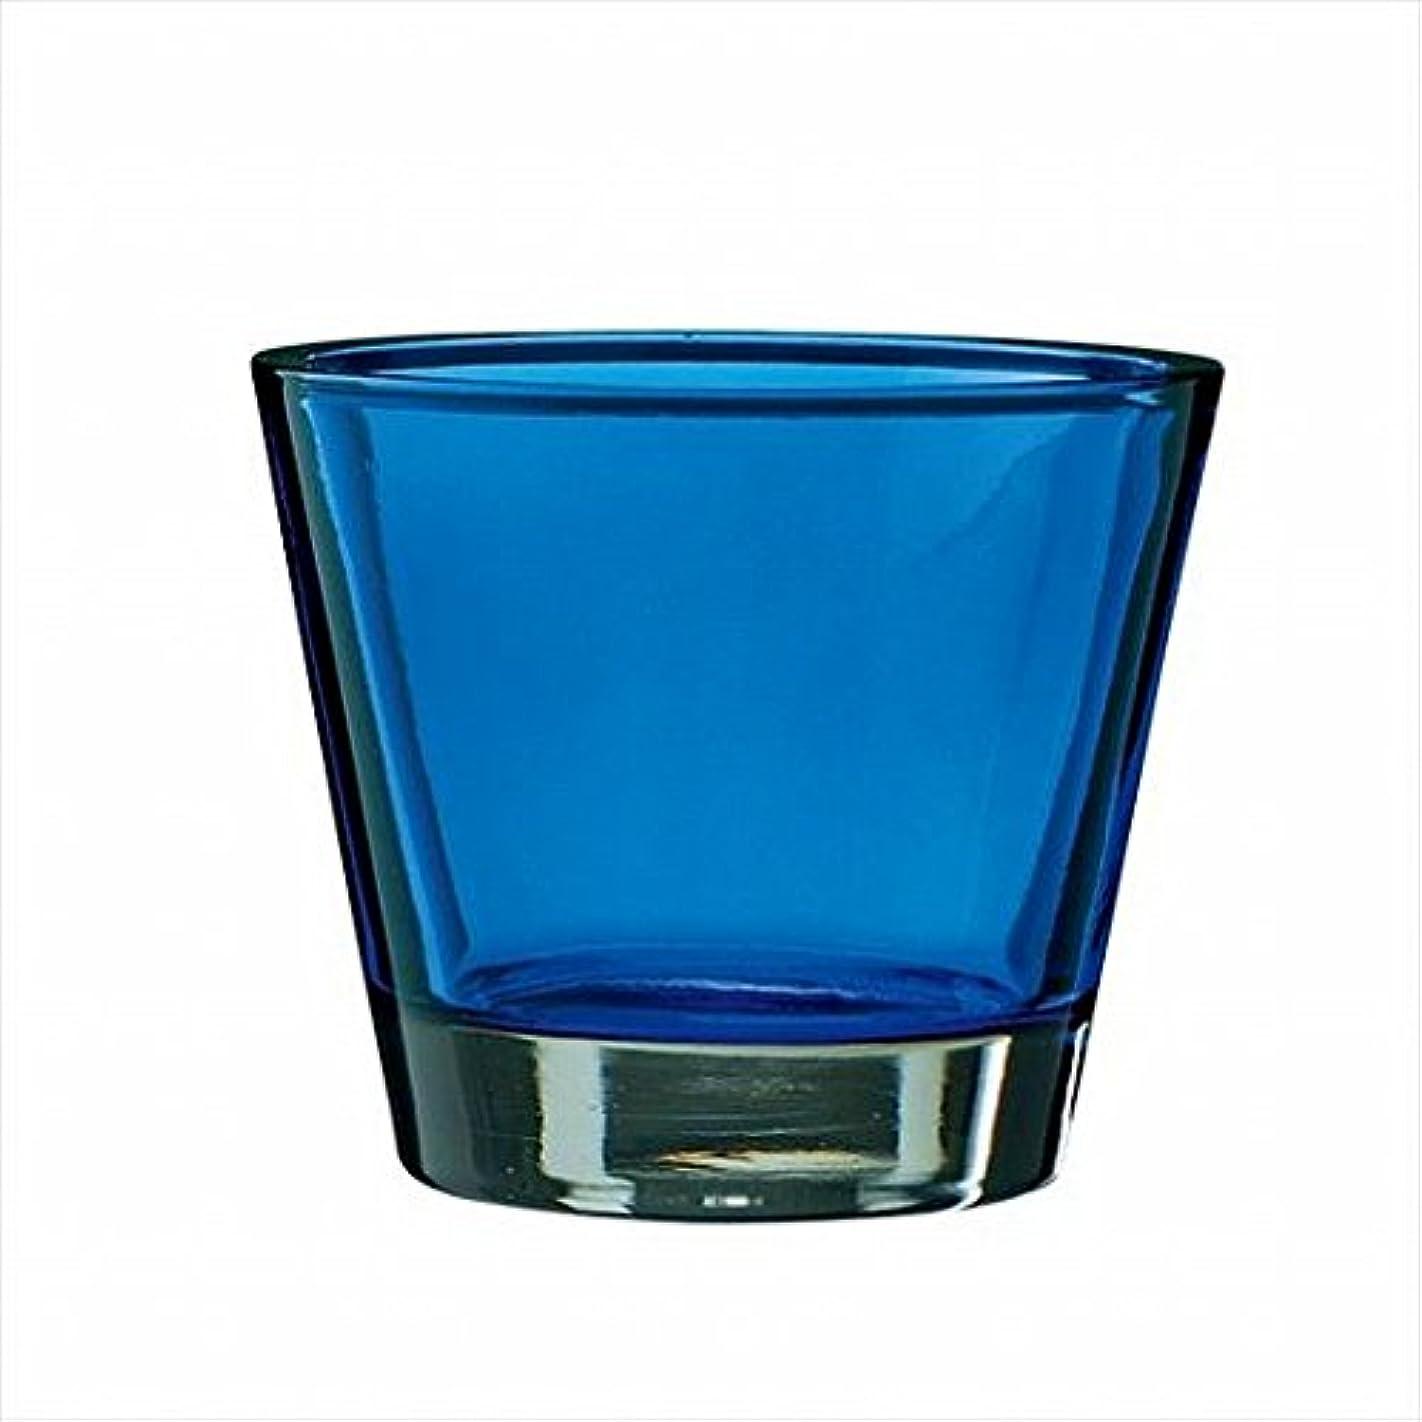 同化平均さびたkameyama candle(カメヤマキャンドル) カラリス 「 ブルー 」 キャンドル 82x82x70mm (J2540000B)